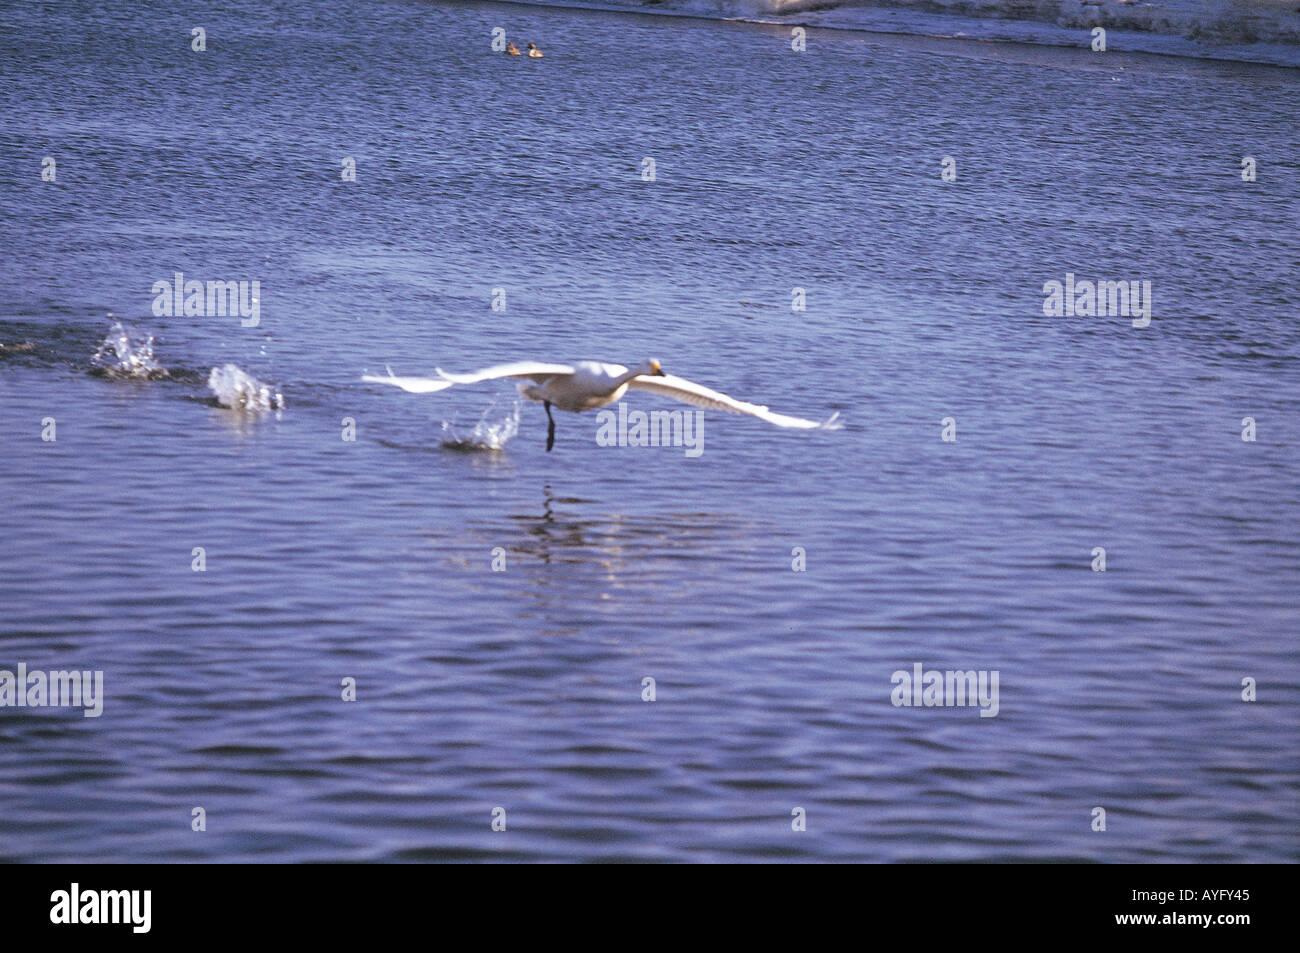 Bird Flying over Sea - Stock Image